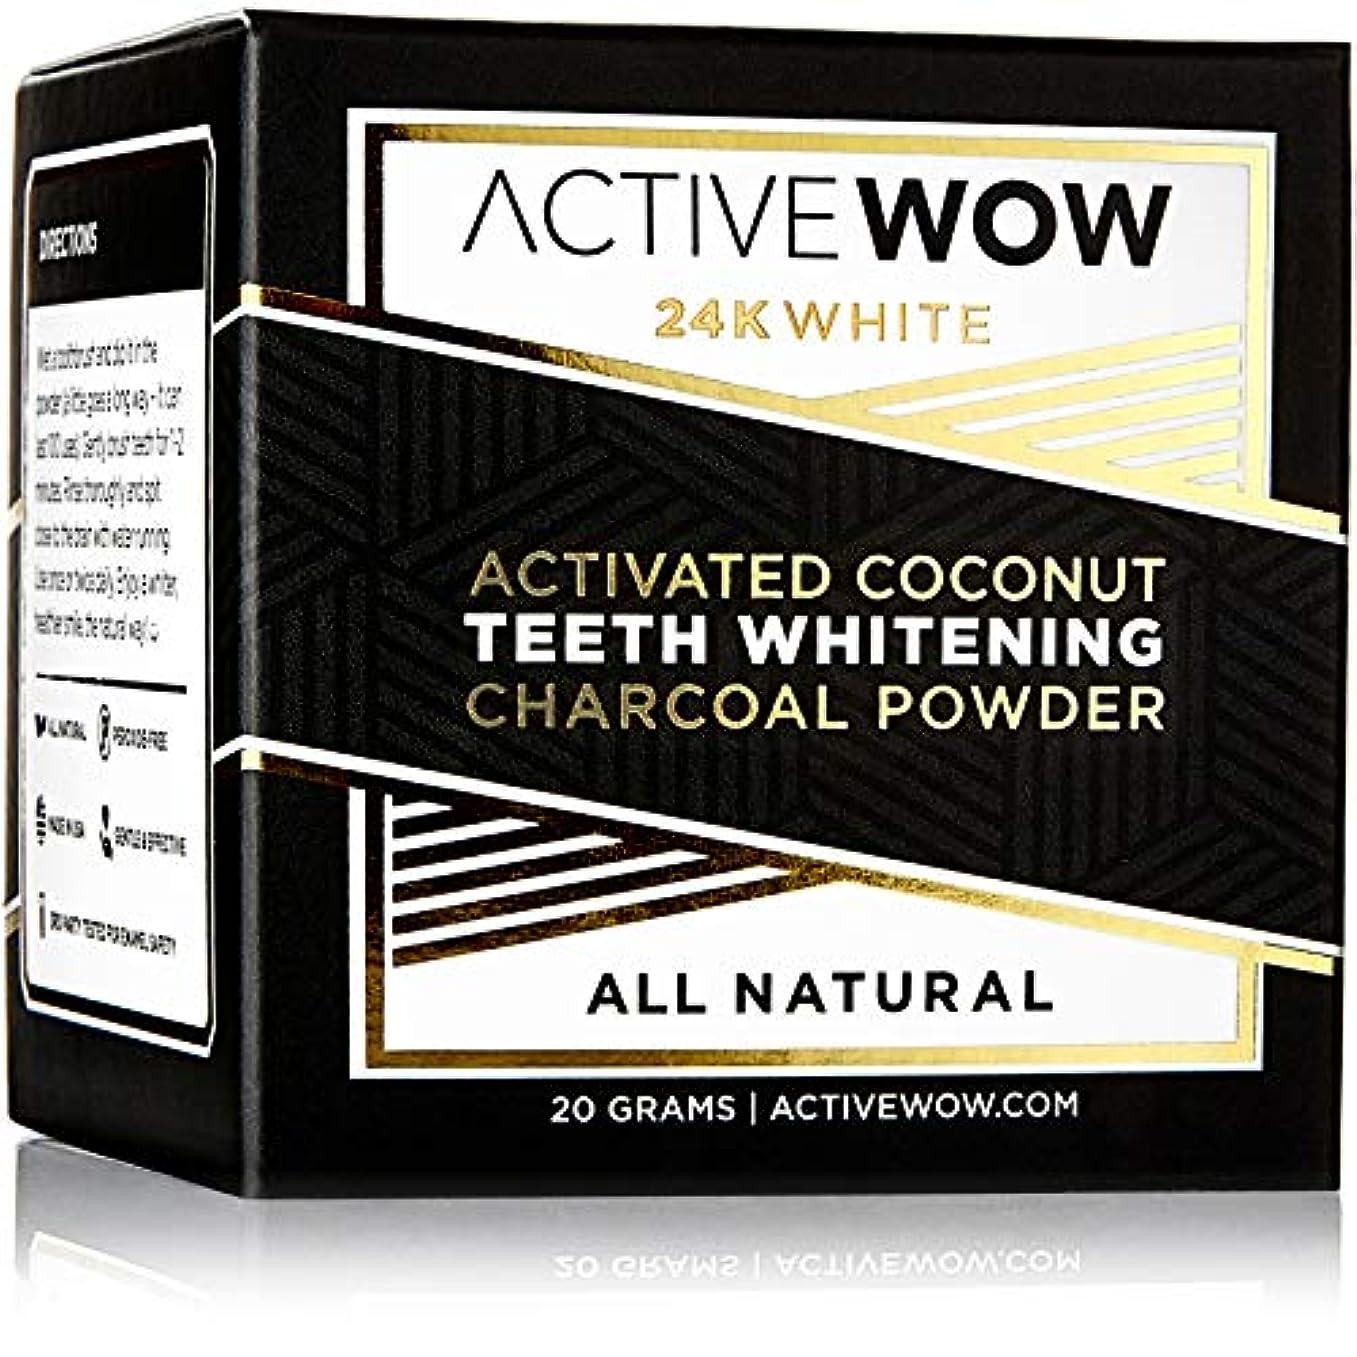 大混乱触手顎アクティブワオ (Active Wow) 歯のホワイトニングチャコールパウダー [海外直送品] (ナチュラル)